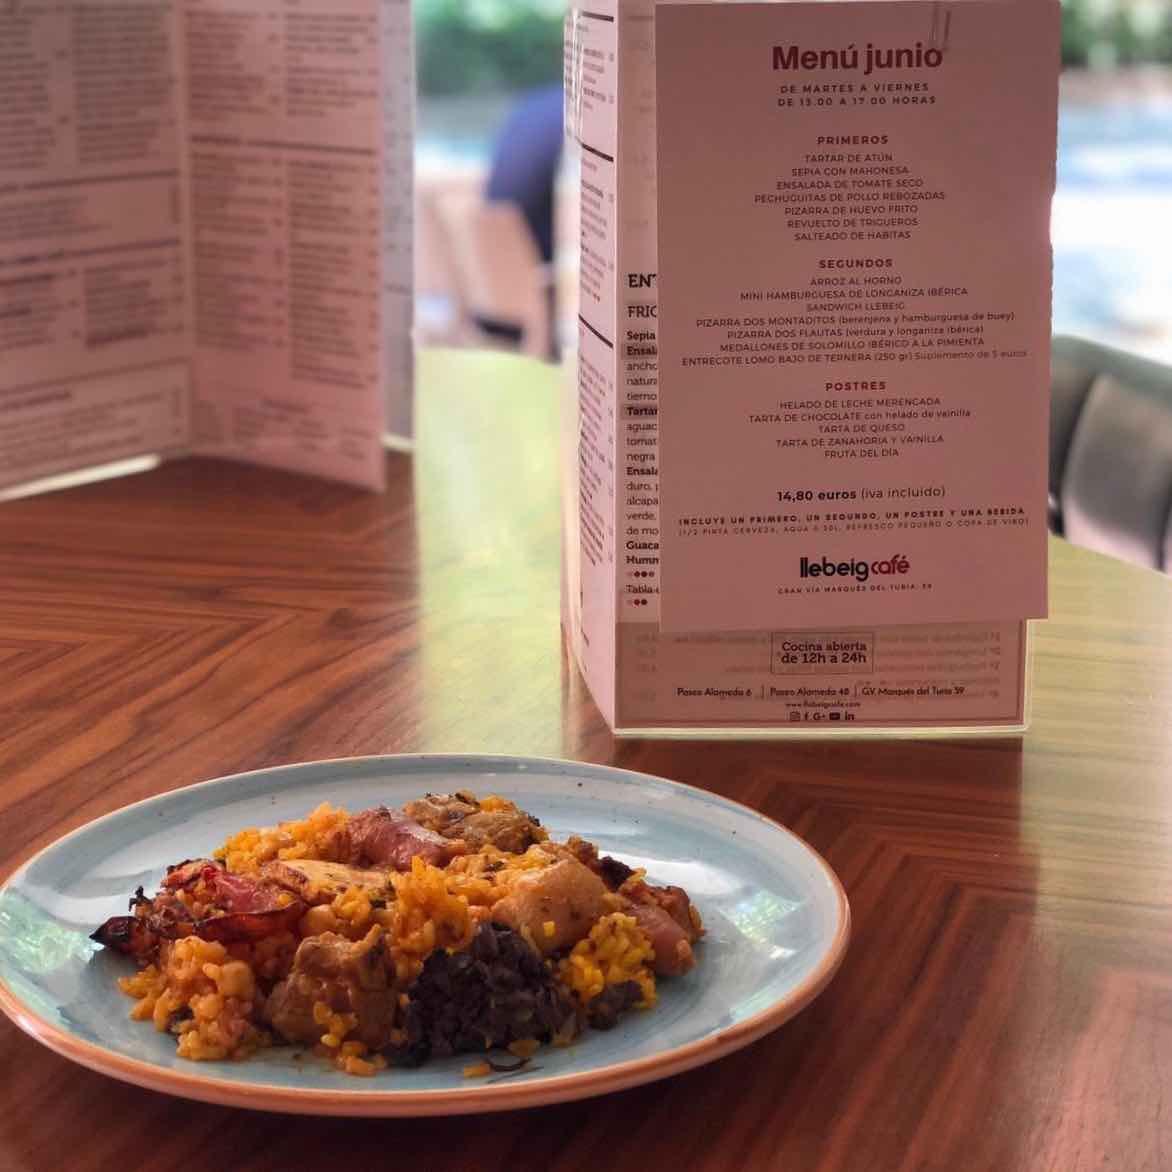 Tienes menú de mediodía en el Llebeig Café de Gran Vía